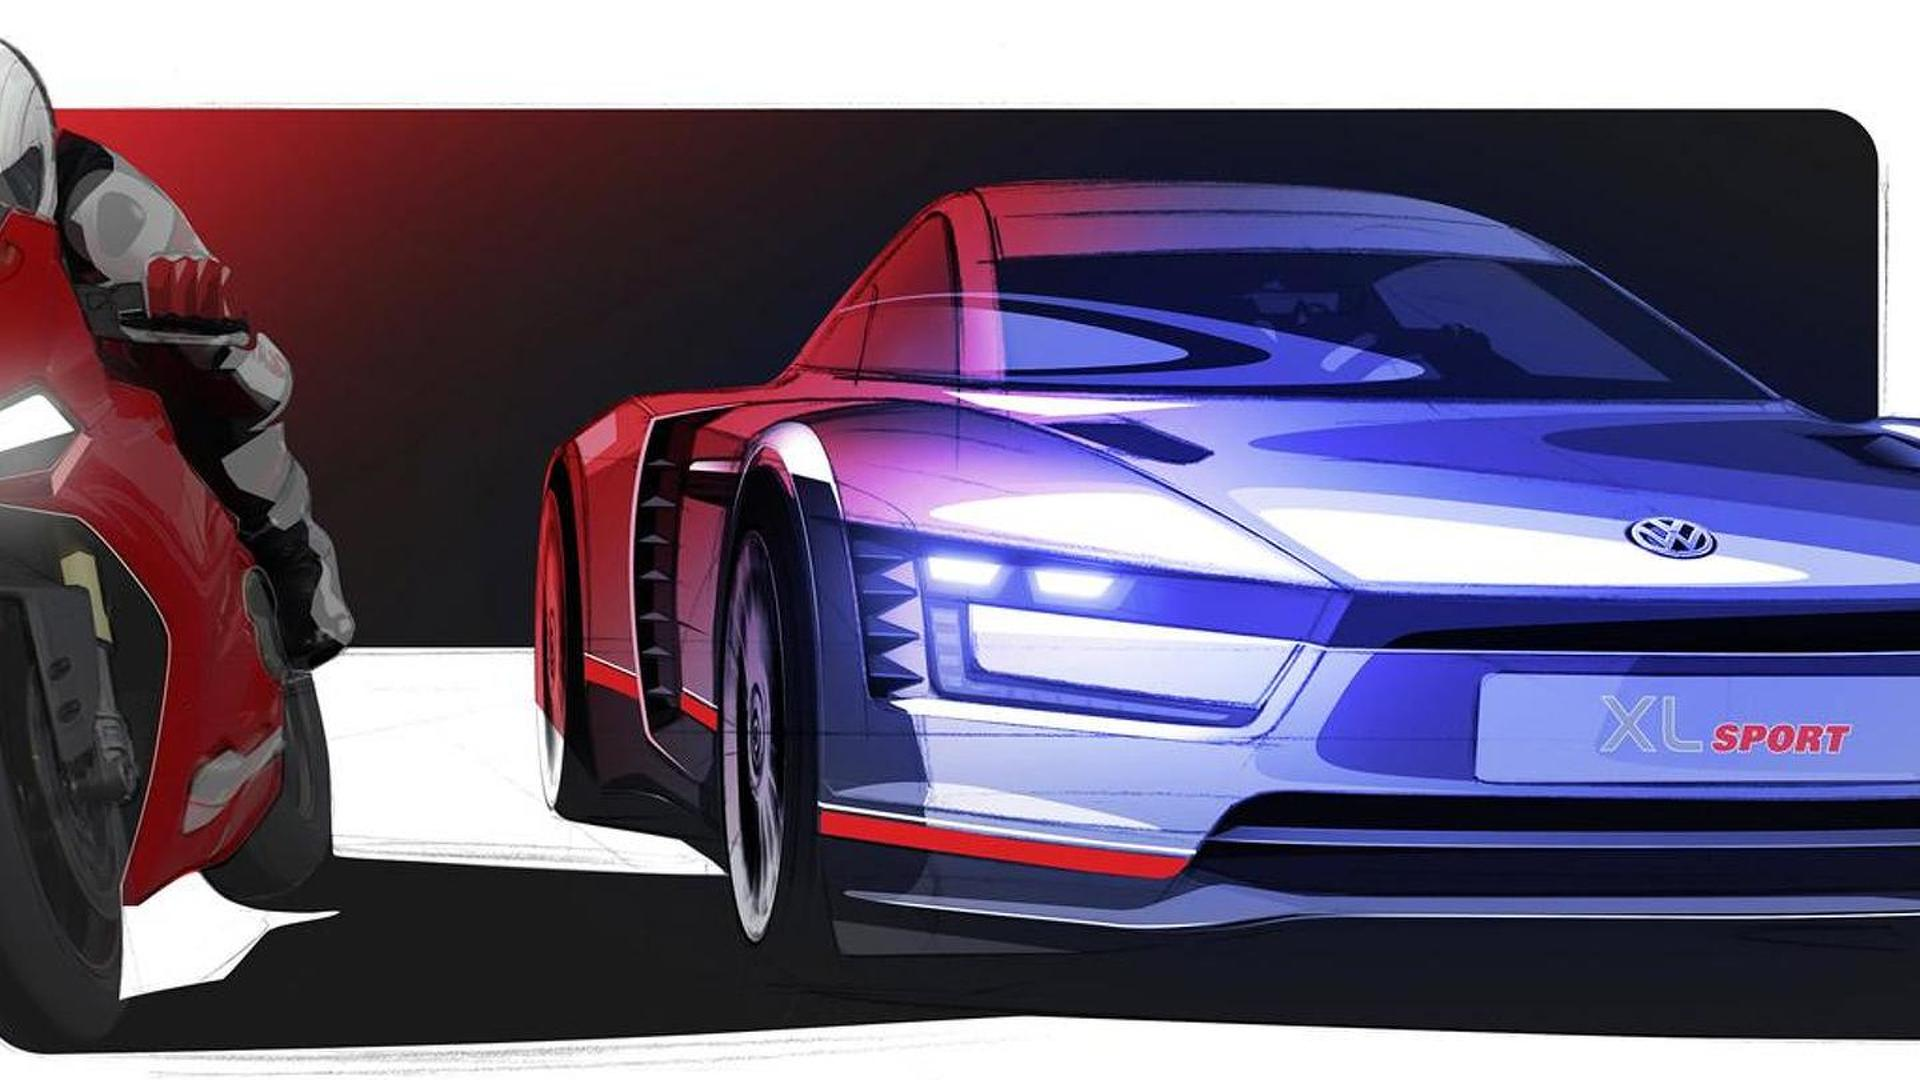 VW XL Sport: машина с двигателем от мотоцикла